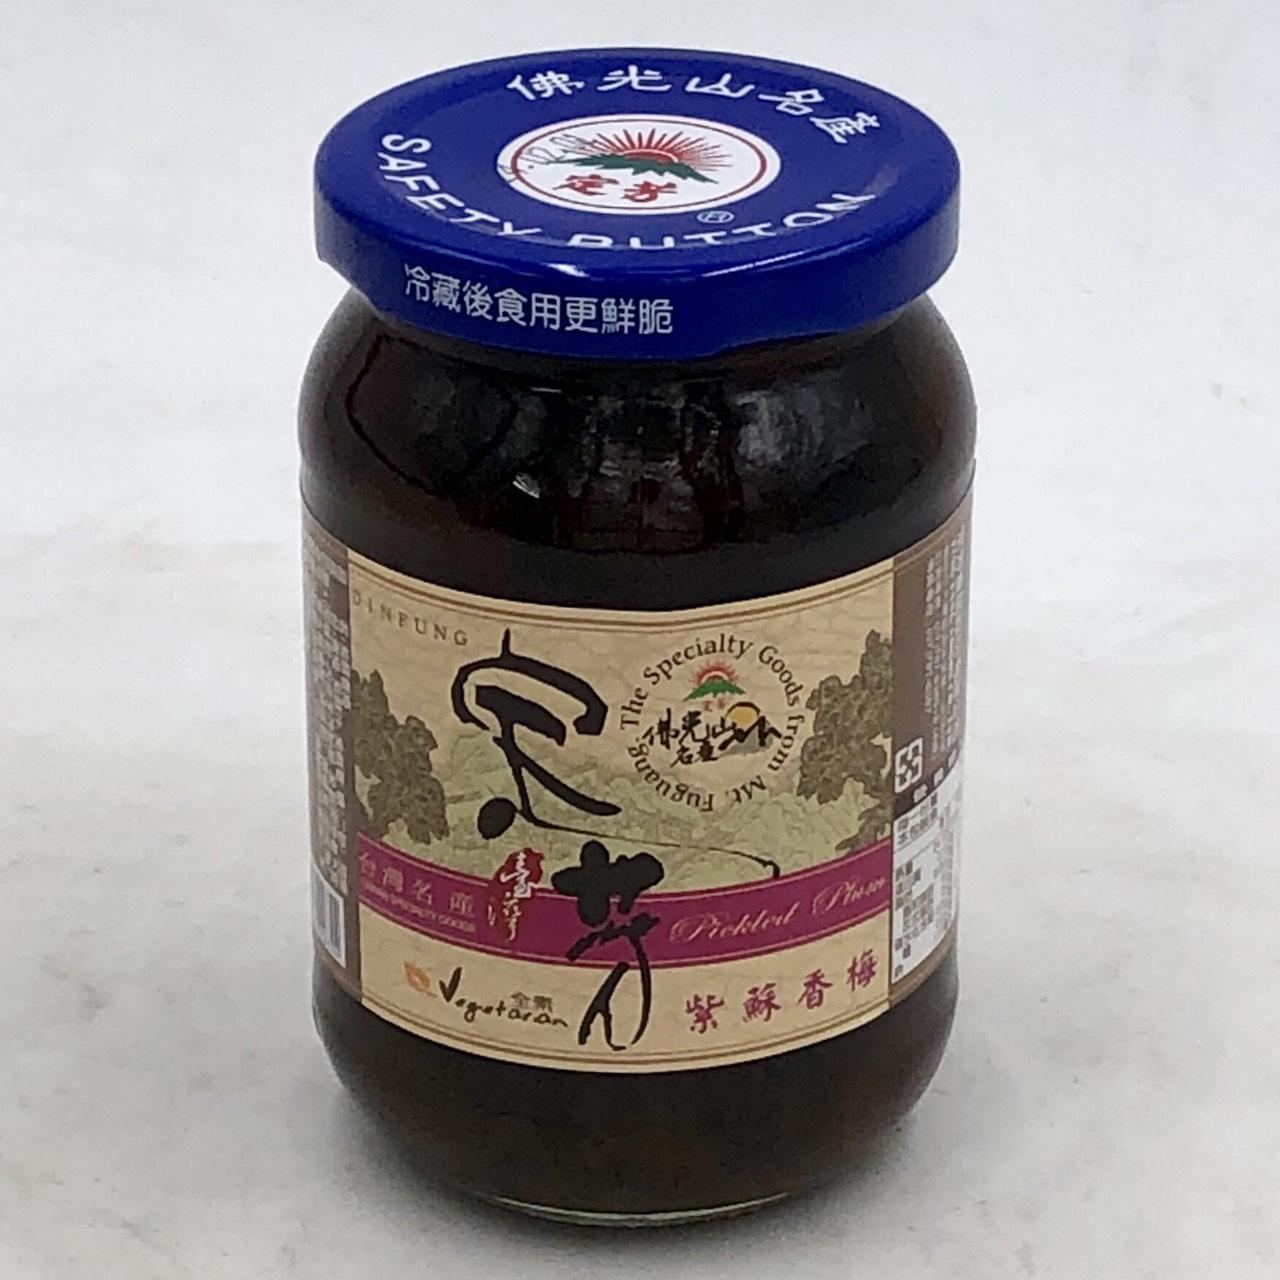 (定芳)紫蘇香梅380g(全素)